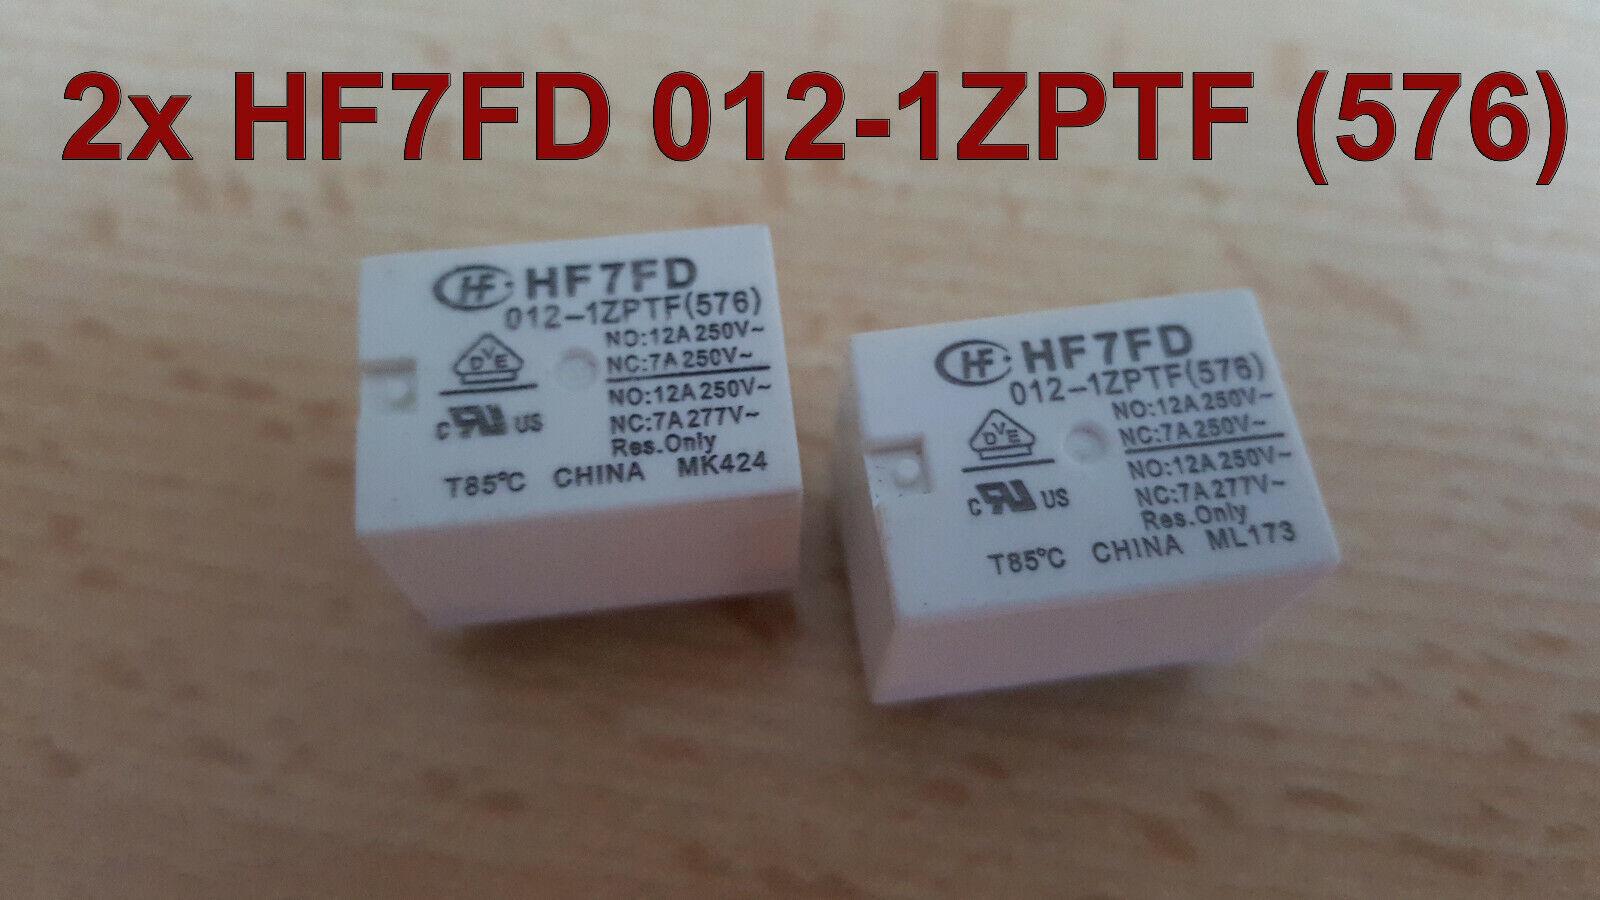 Hongfa hf3ff-012-1hst 1 Schließer 10A 100 Stück Relais 12V